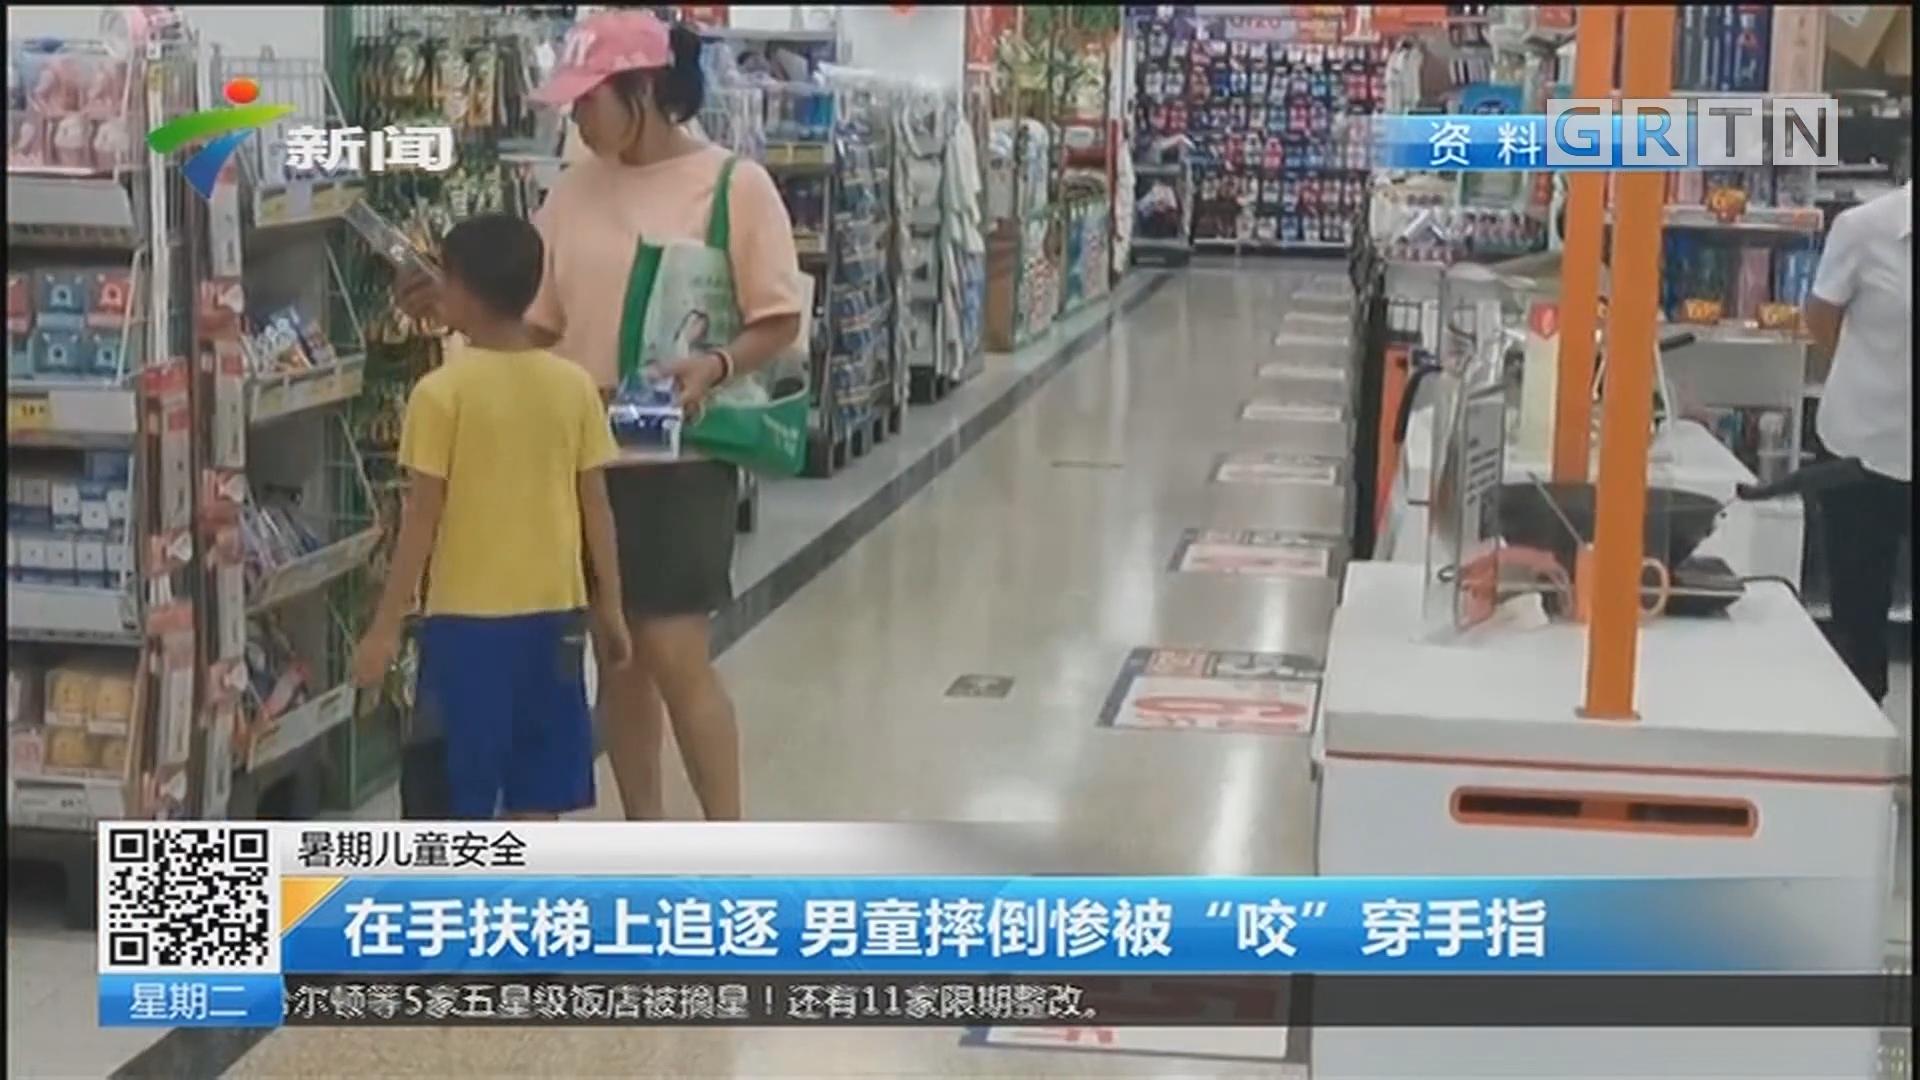 """暑期儿童安全:在手扶梯上追逐 男童摔倒惨被""""咬""""穿手指"""